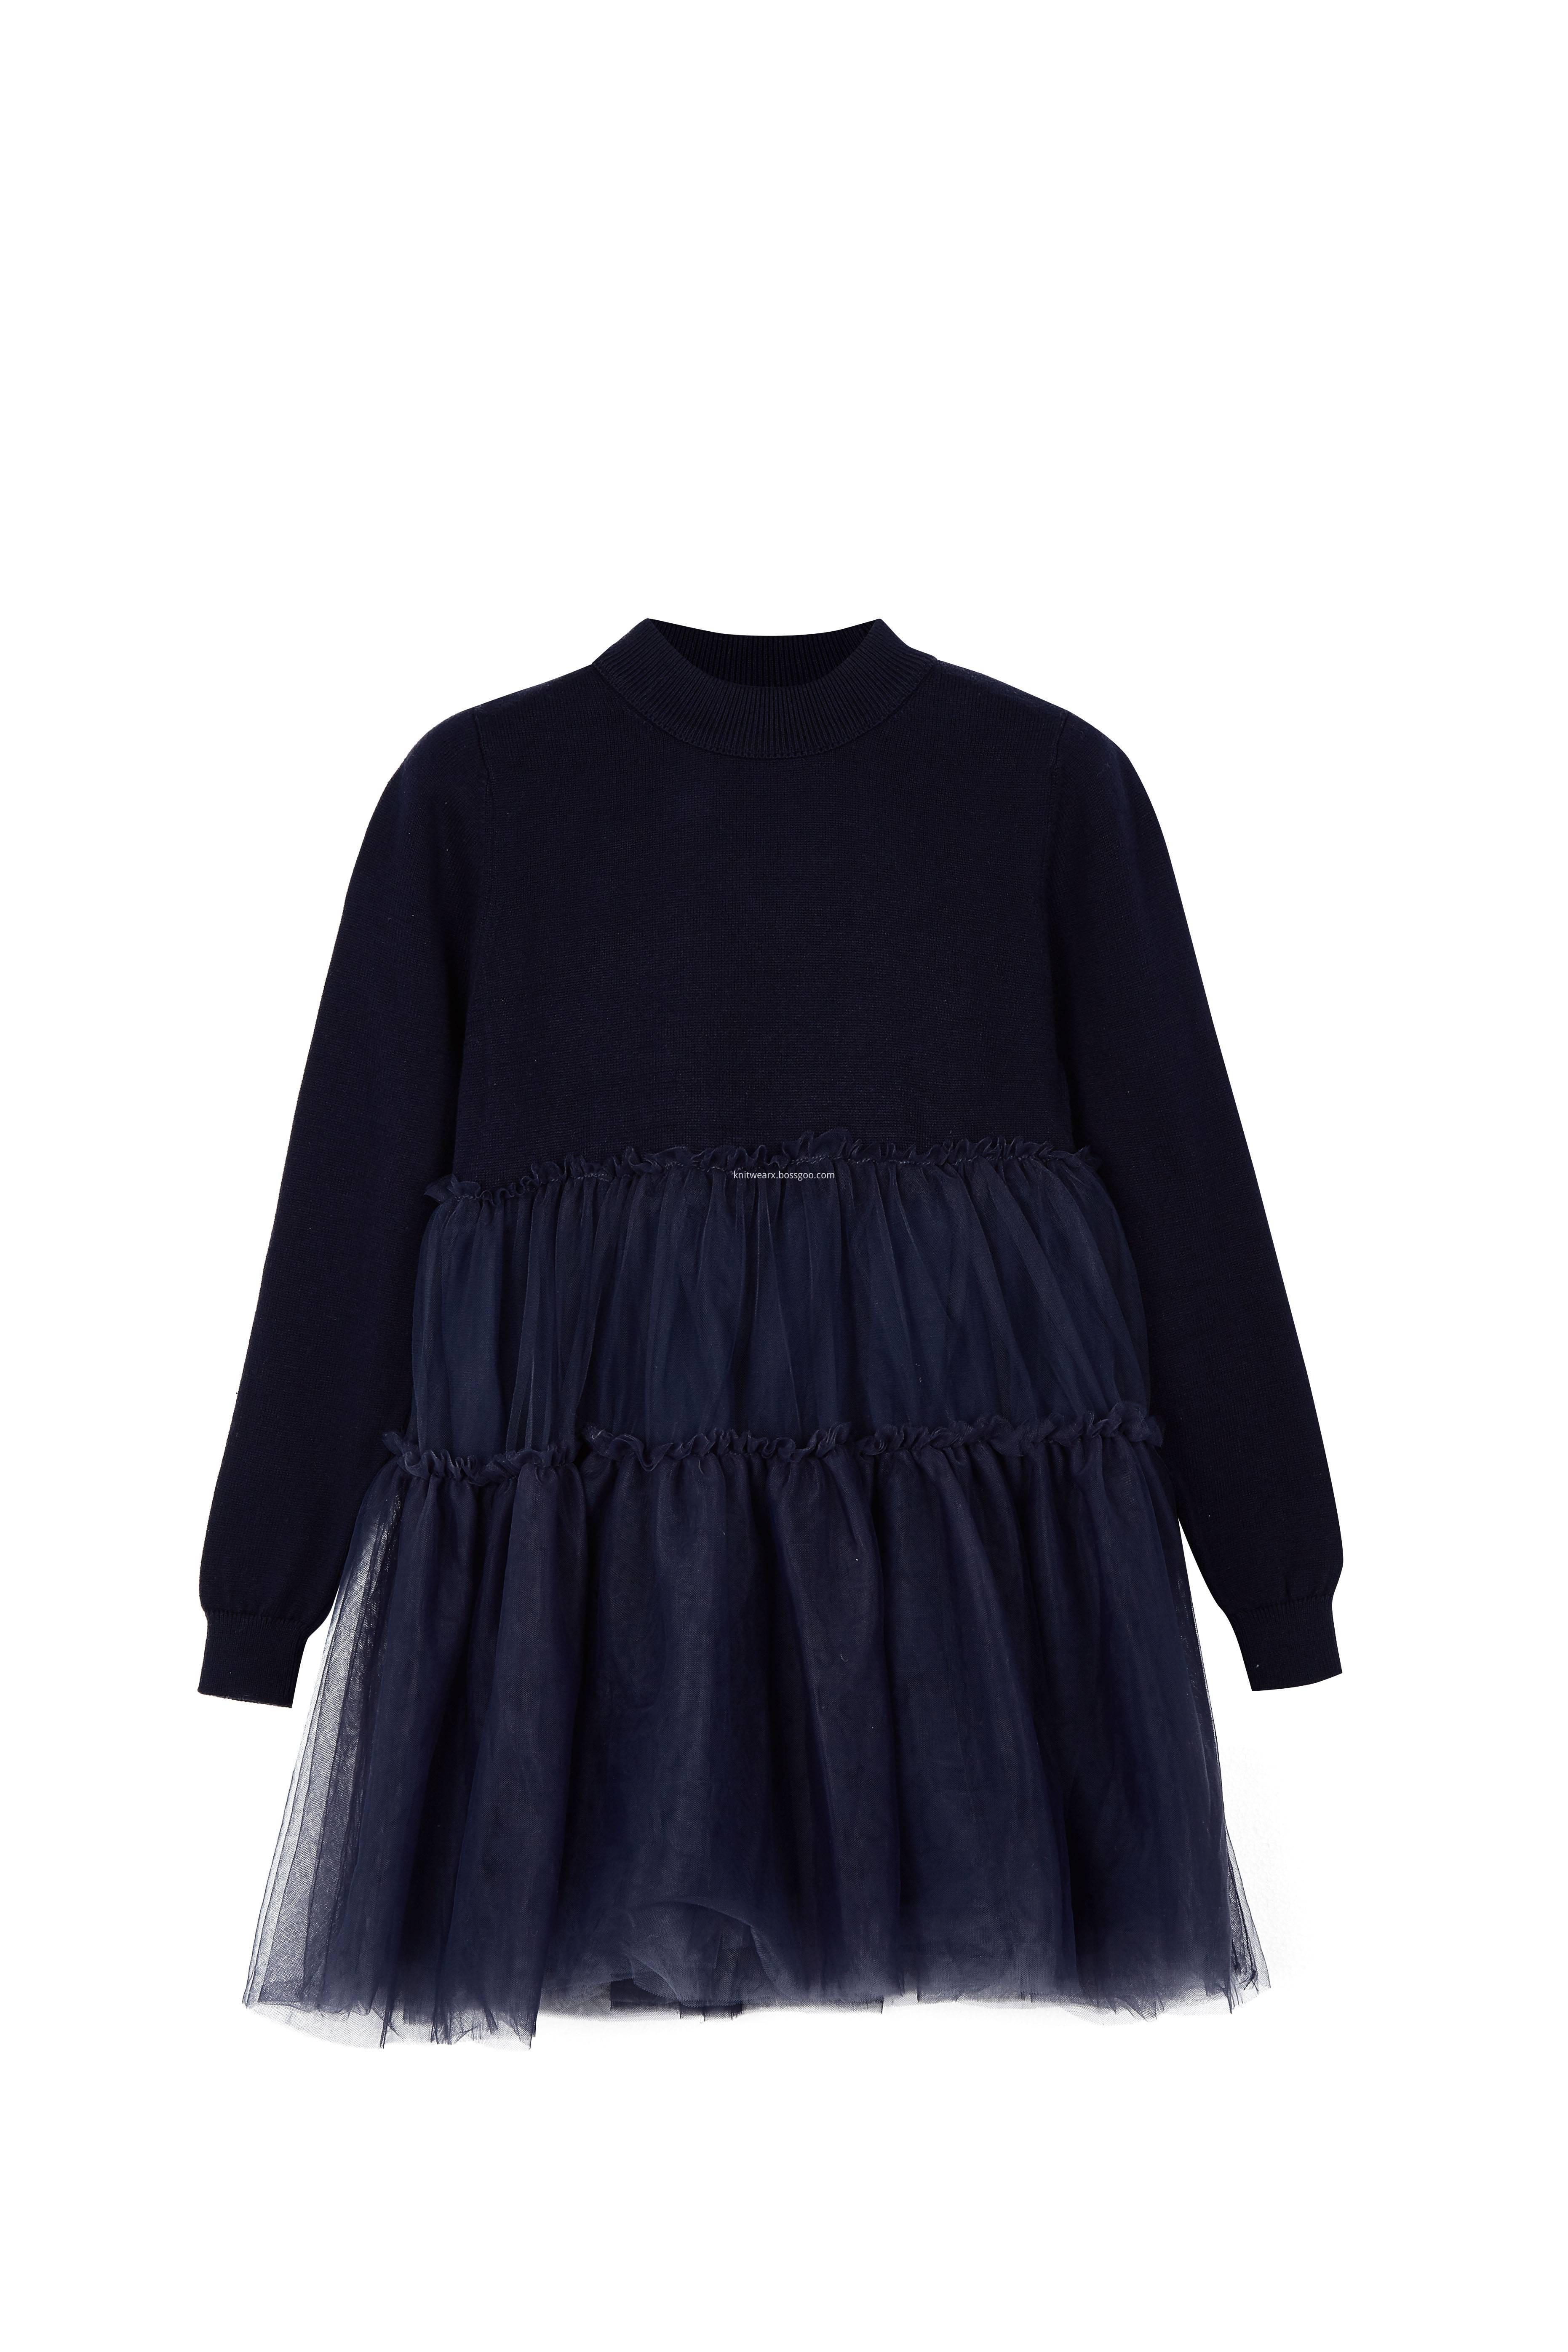 Girl's Knitted Top Crepe Hem Spring Dress